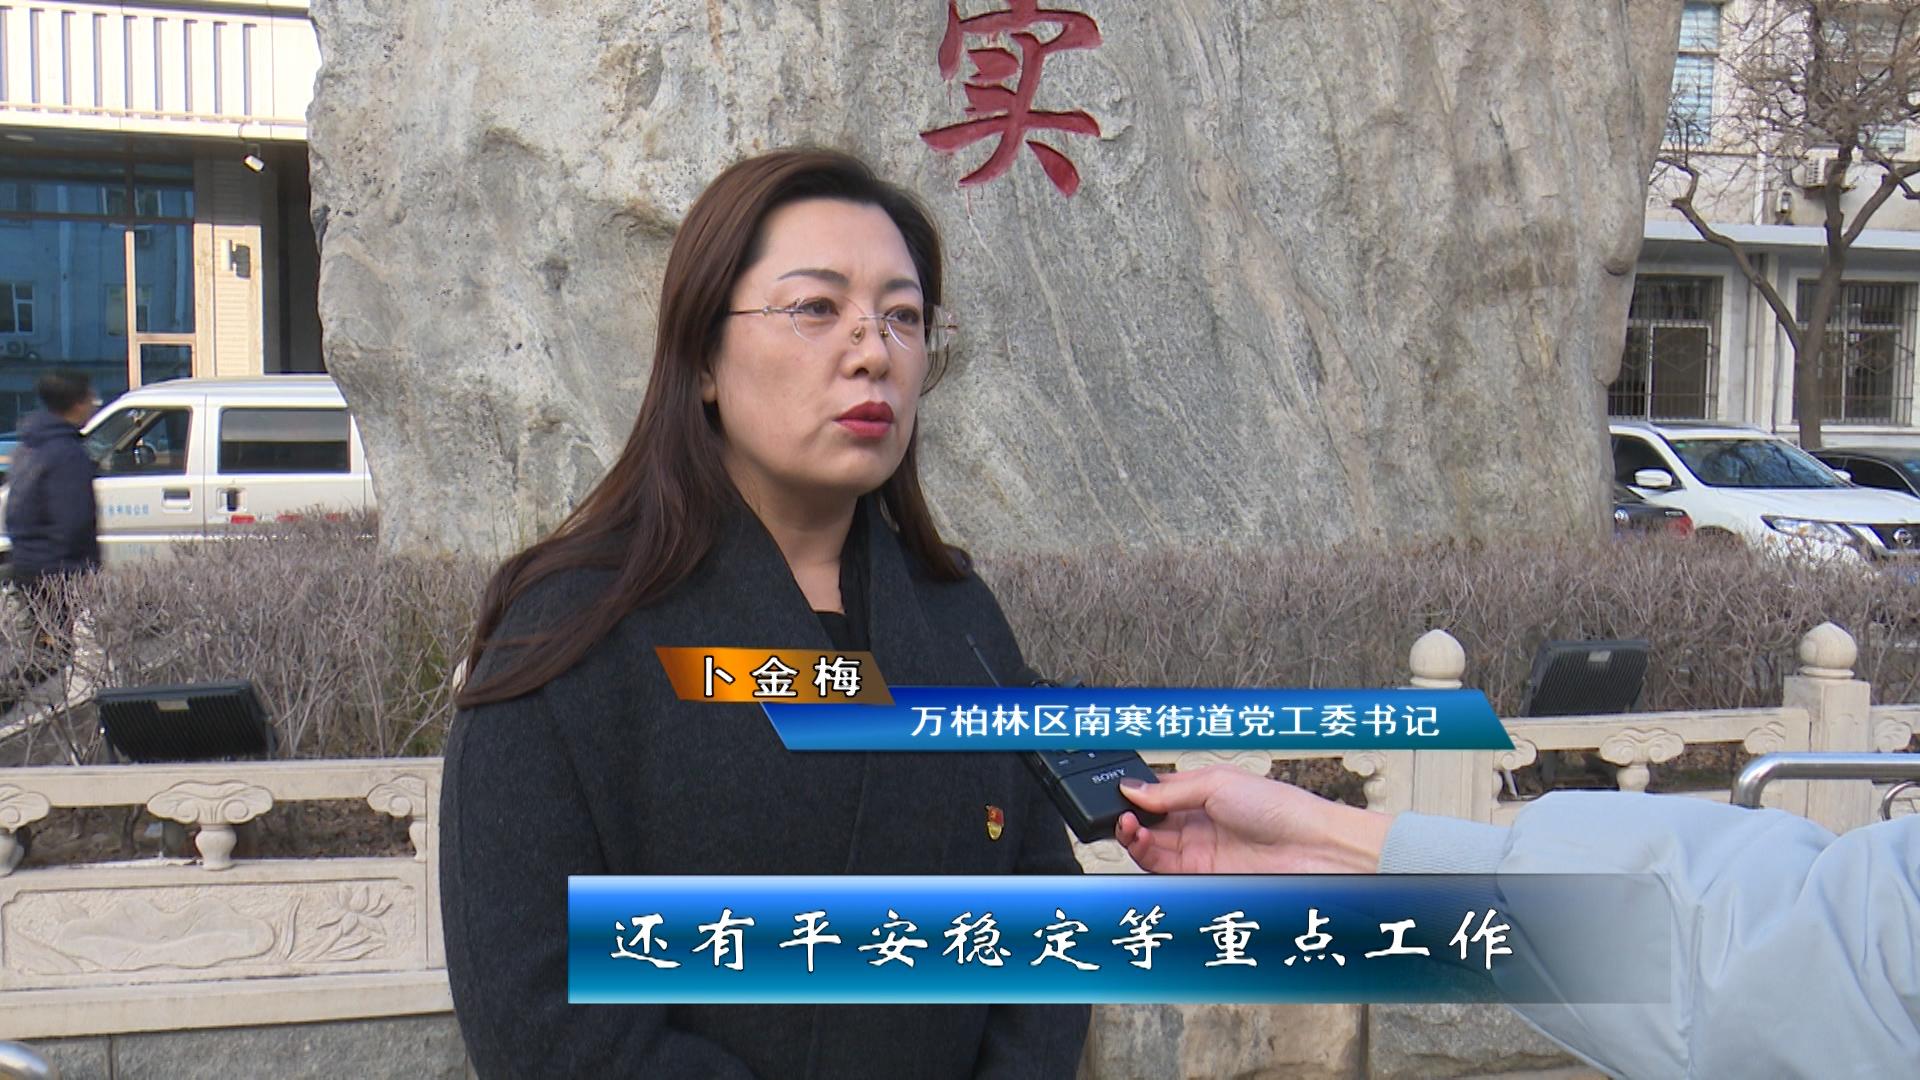 山西太原:市委宣讲团深入基层宣讲党的十九届五中全会精神